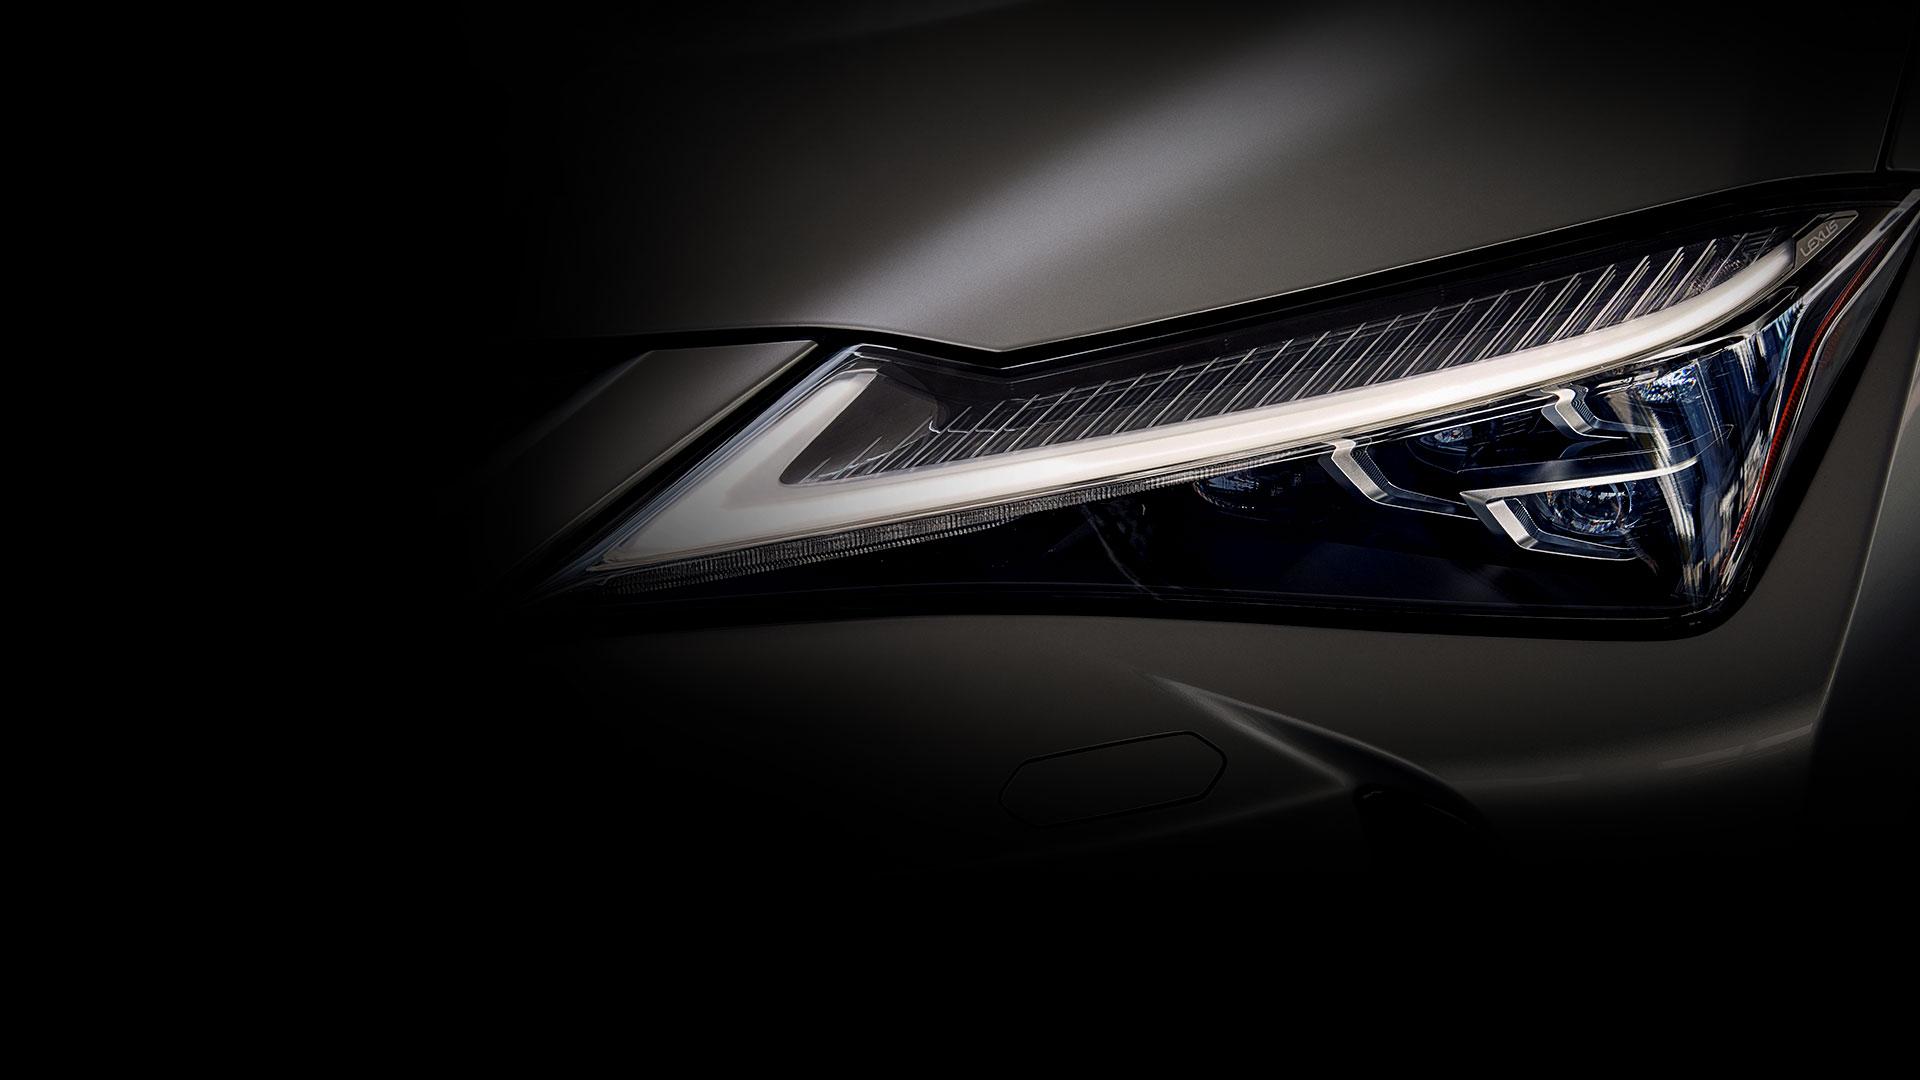 2018 lexus ux interactive design exterior headlamps